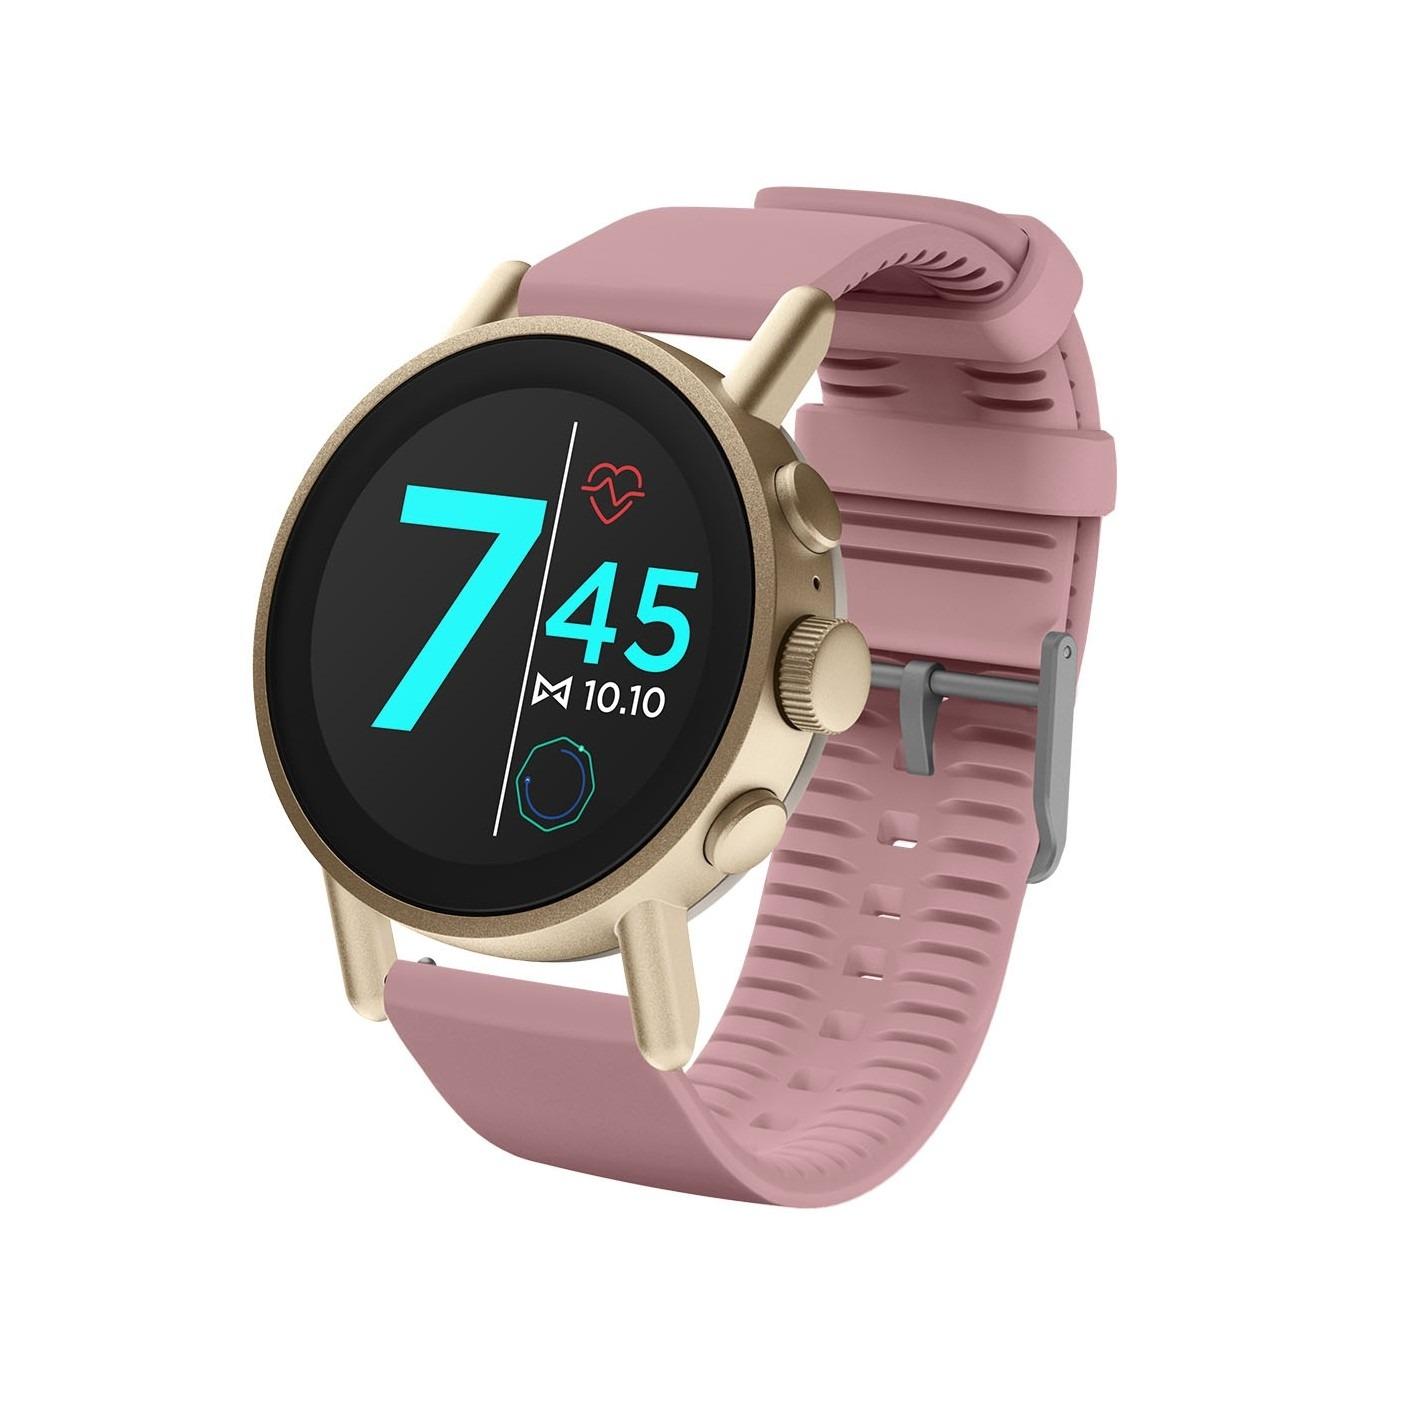 Misfit представили умные часы Vapor X с операционной системой Wear OS5